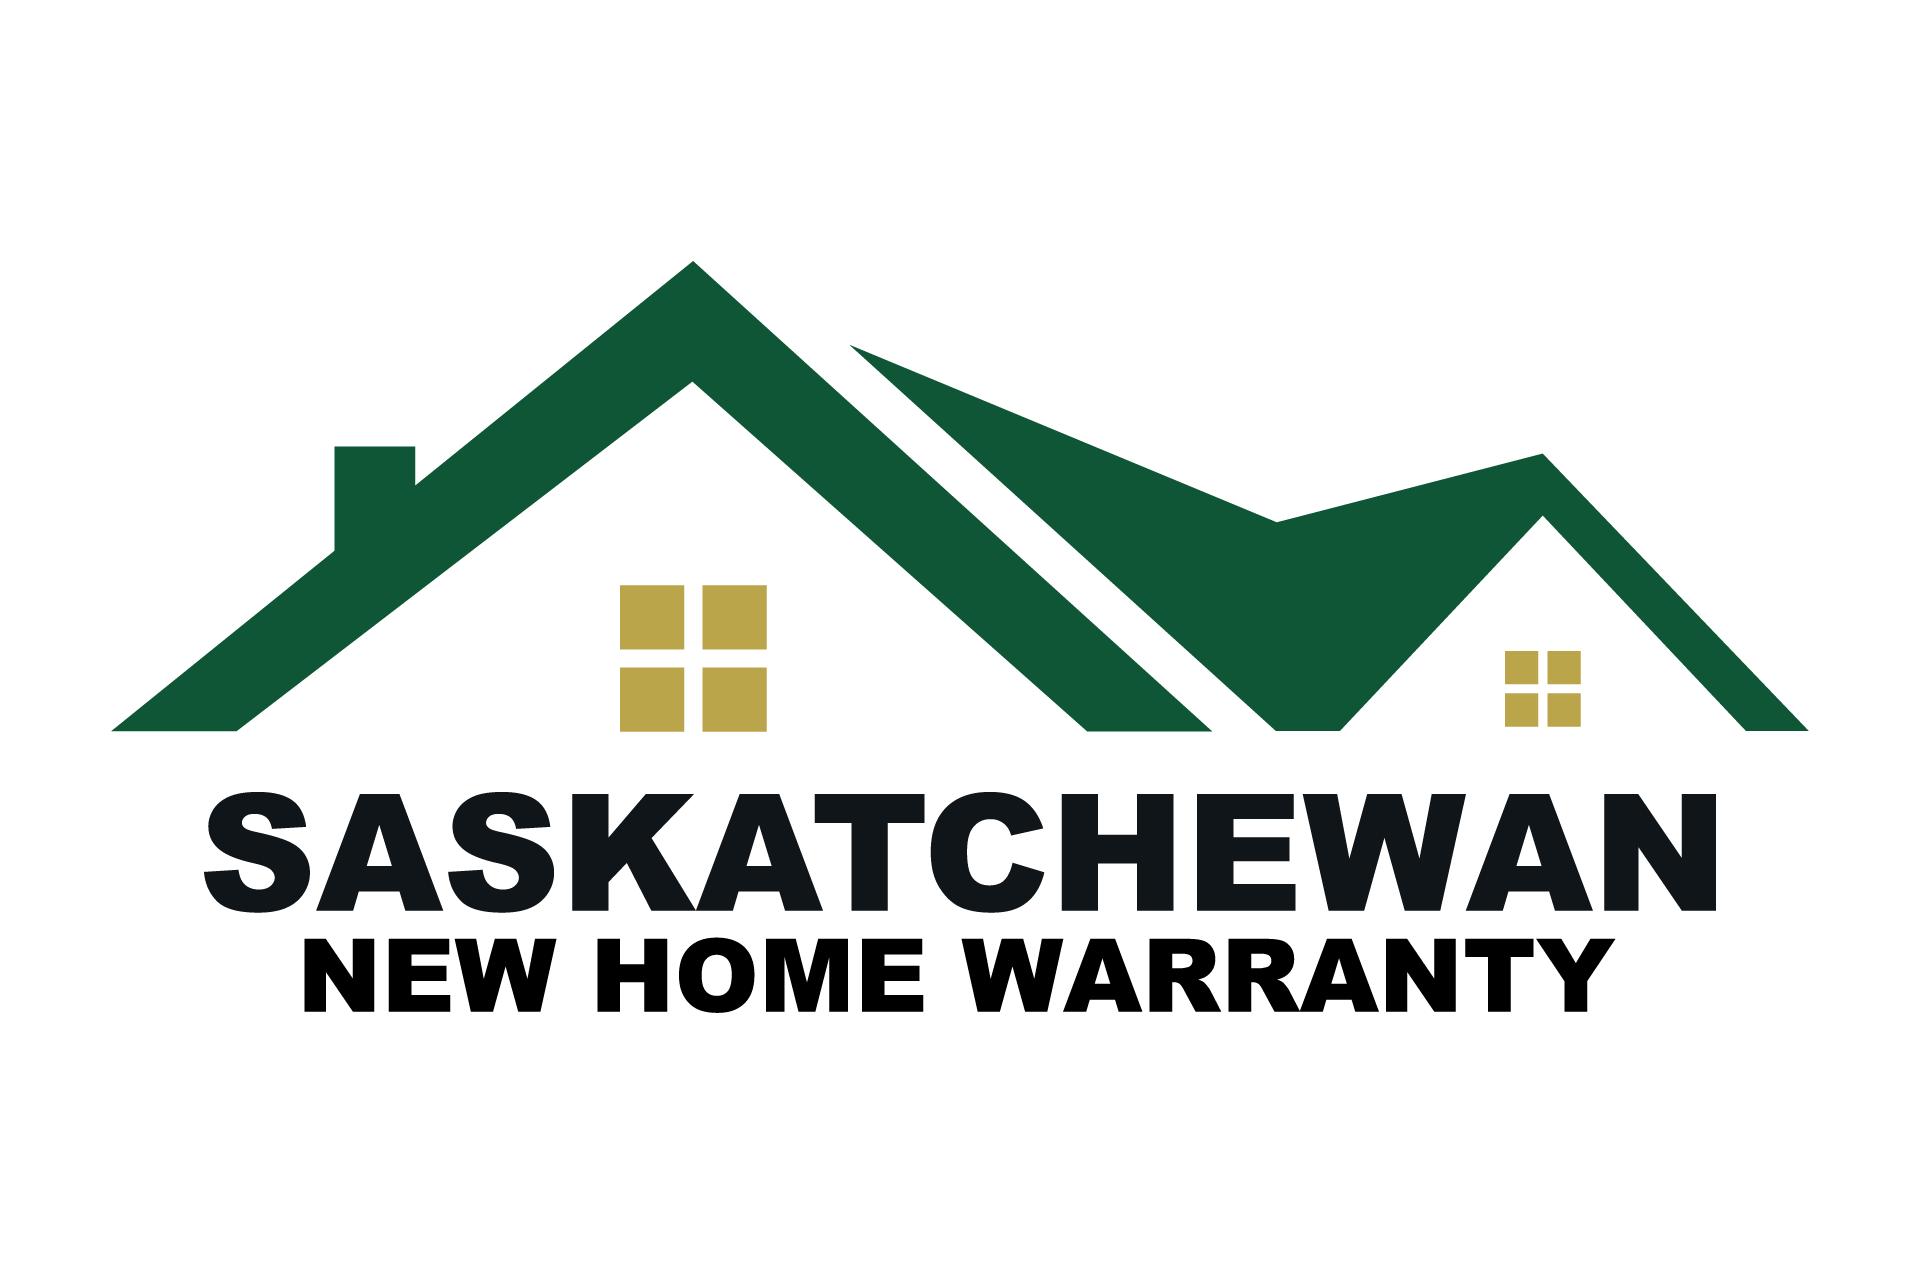 Saskatchewan New Home Warranty logo